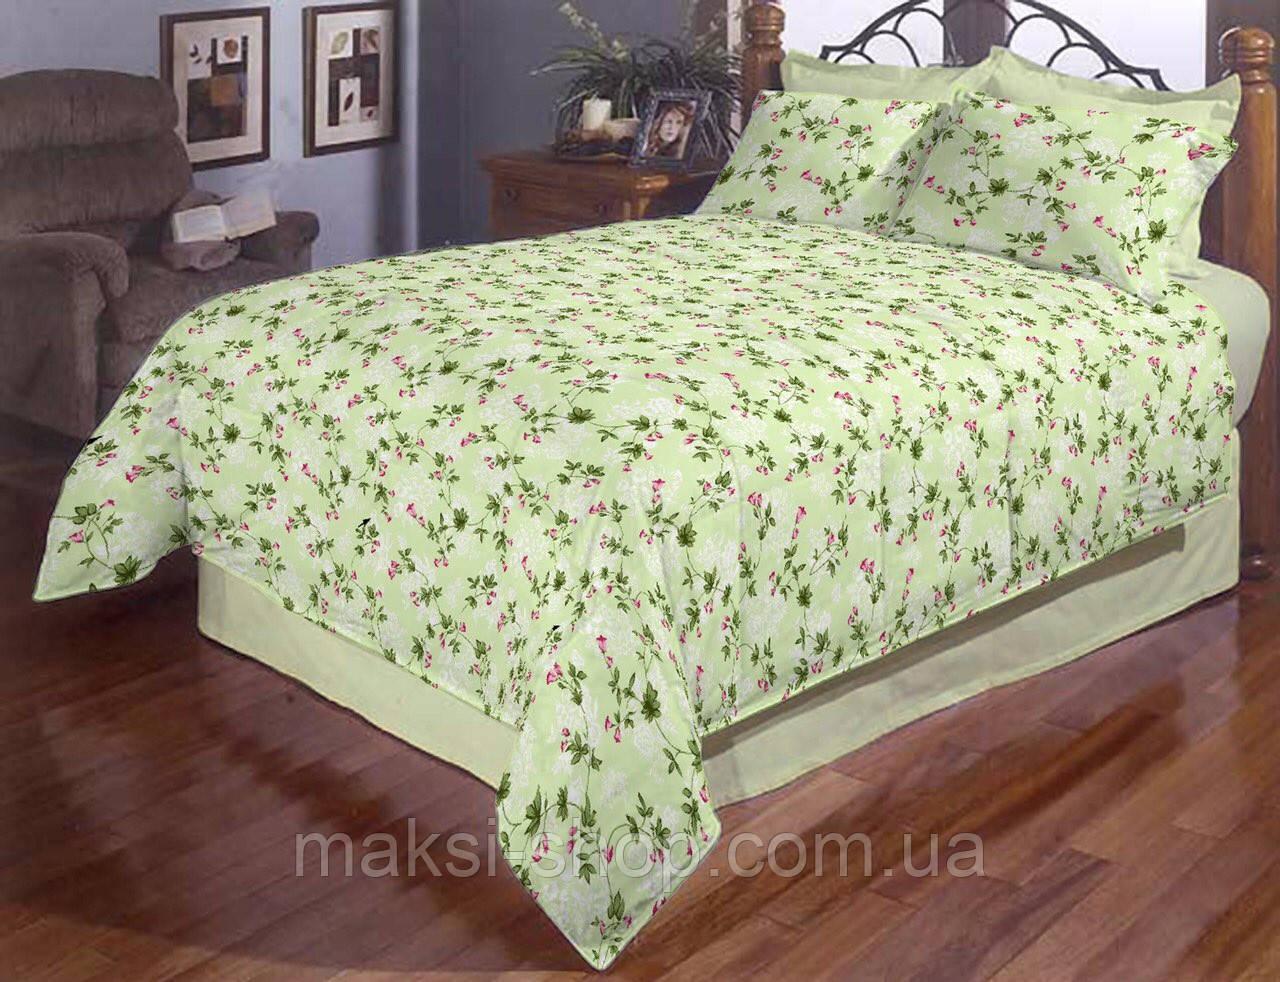 Комплект семейного постельного белья бязь голд (С-0007)